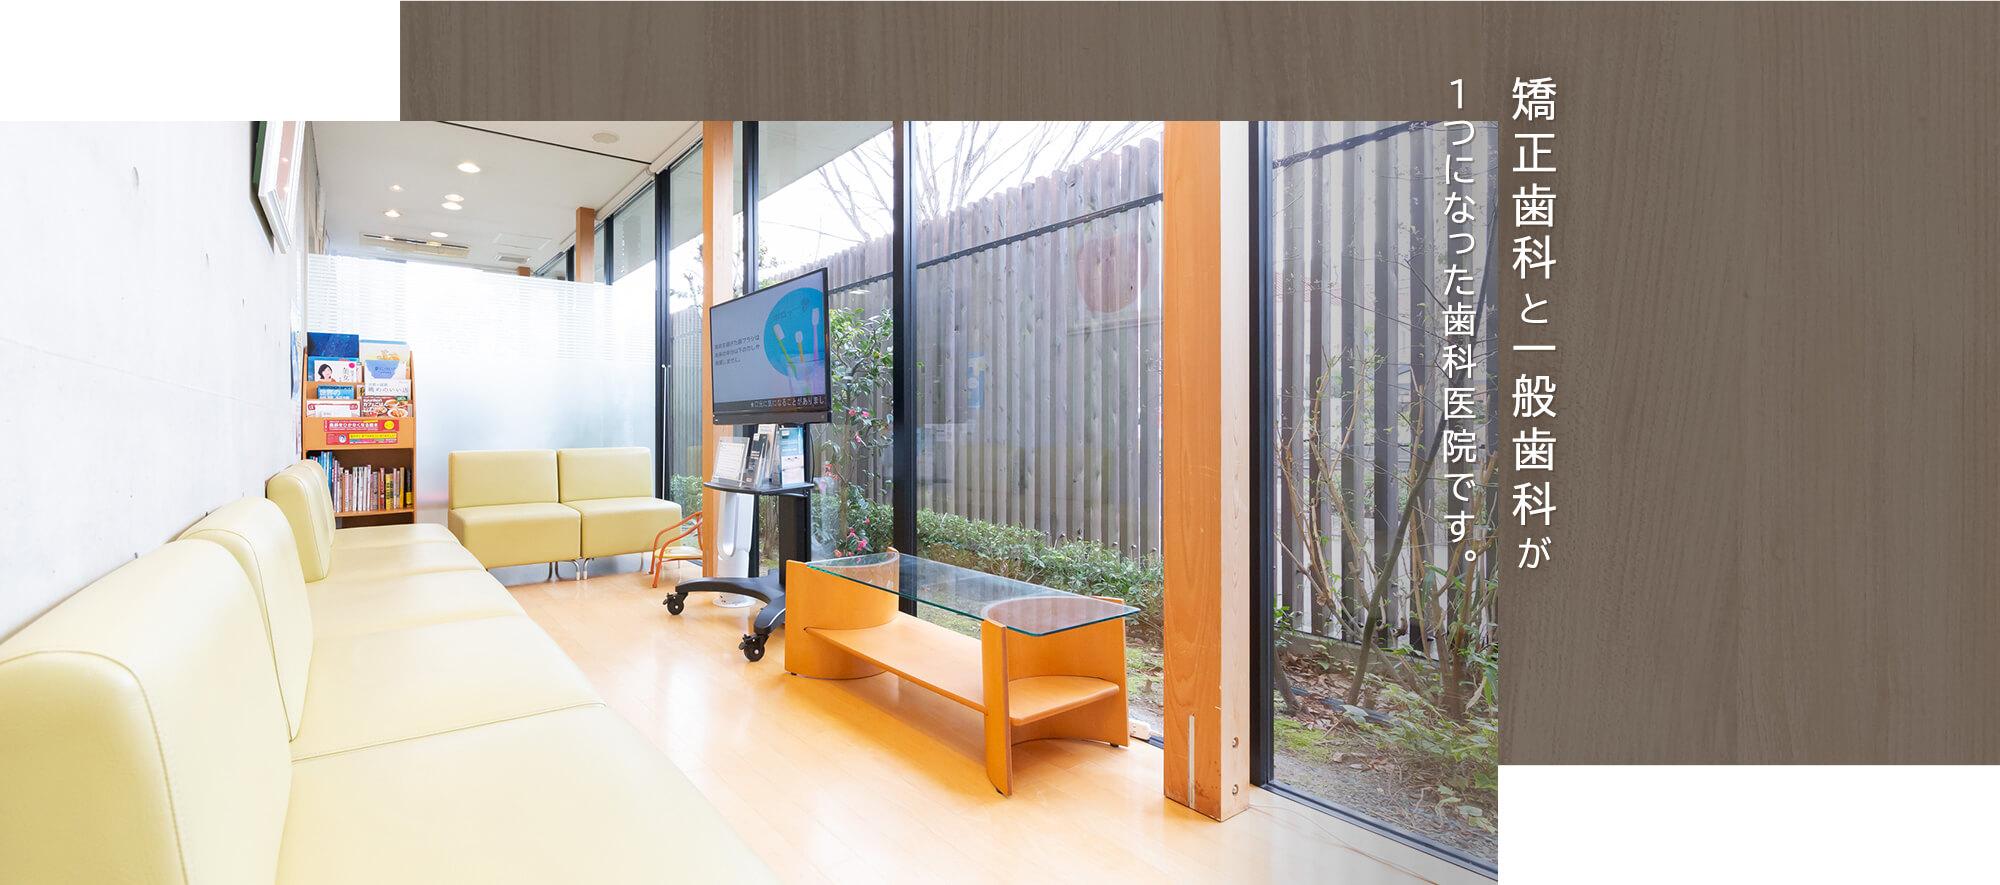 矯正歯科と一般歯科が1つになった歯科医院です。